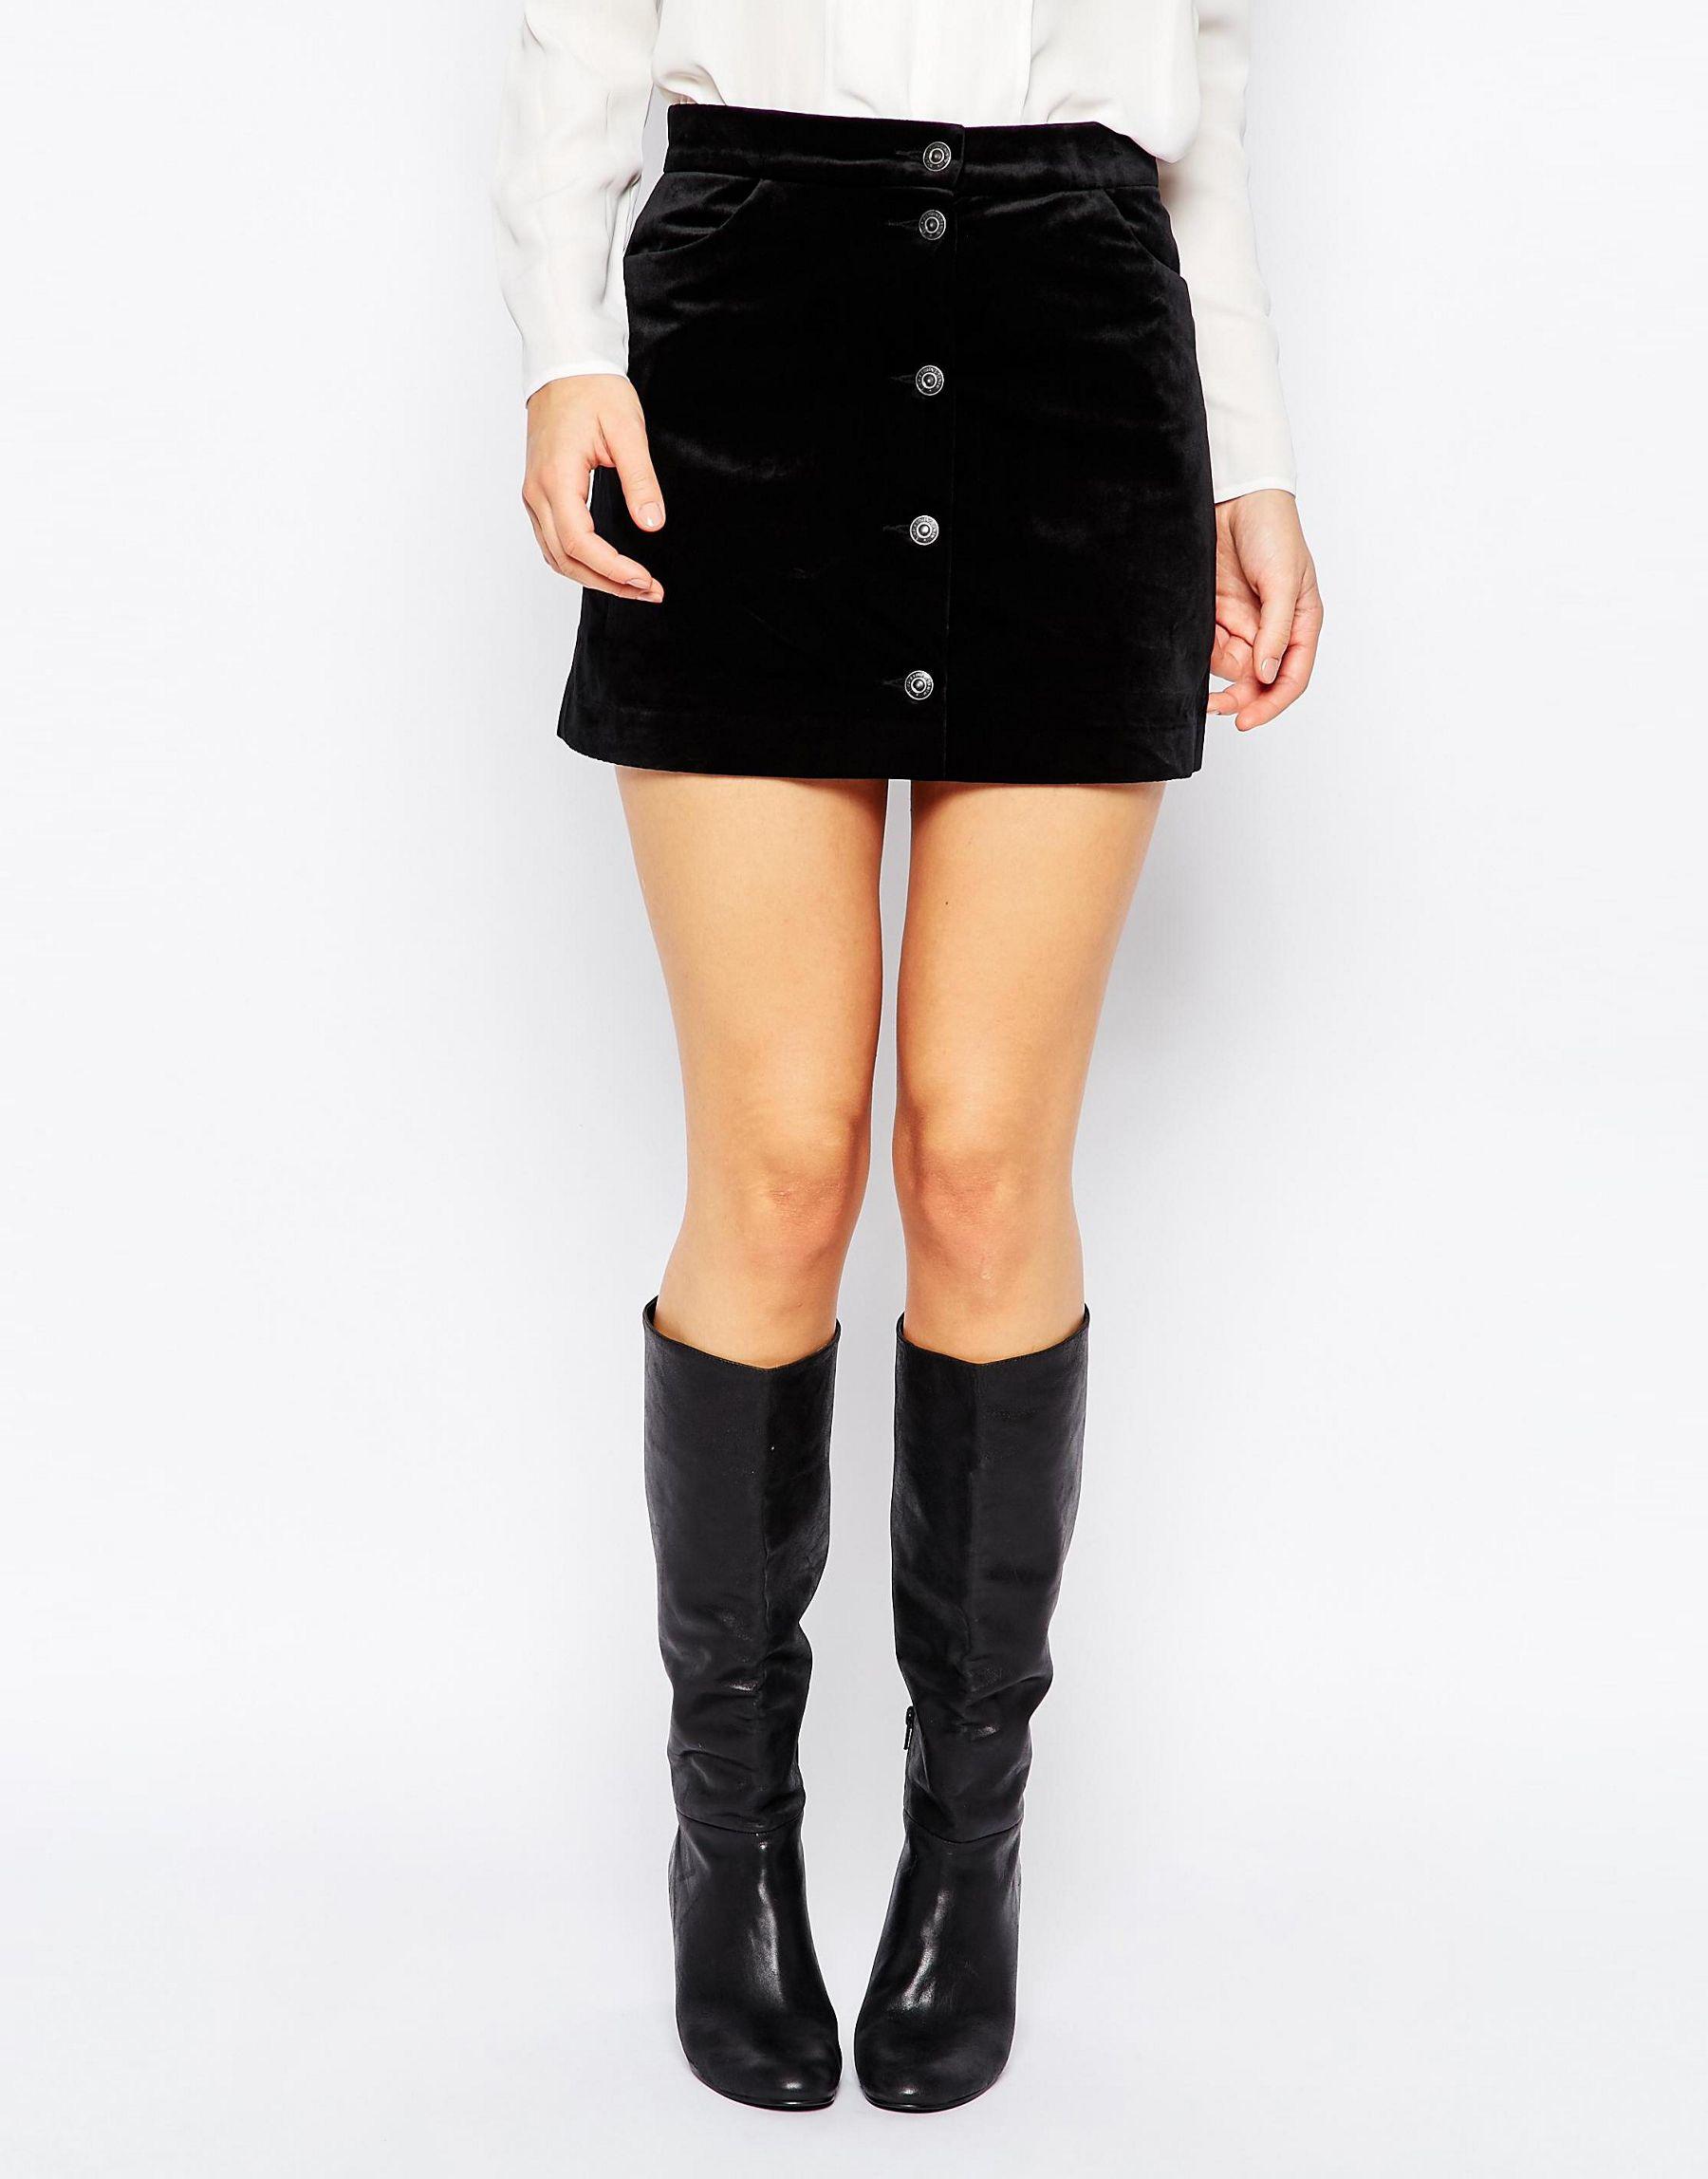 vero moda velvet a line skirt black in black lyst